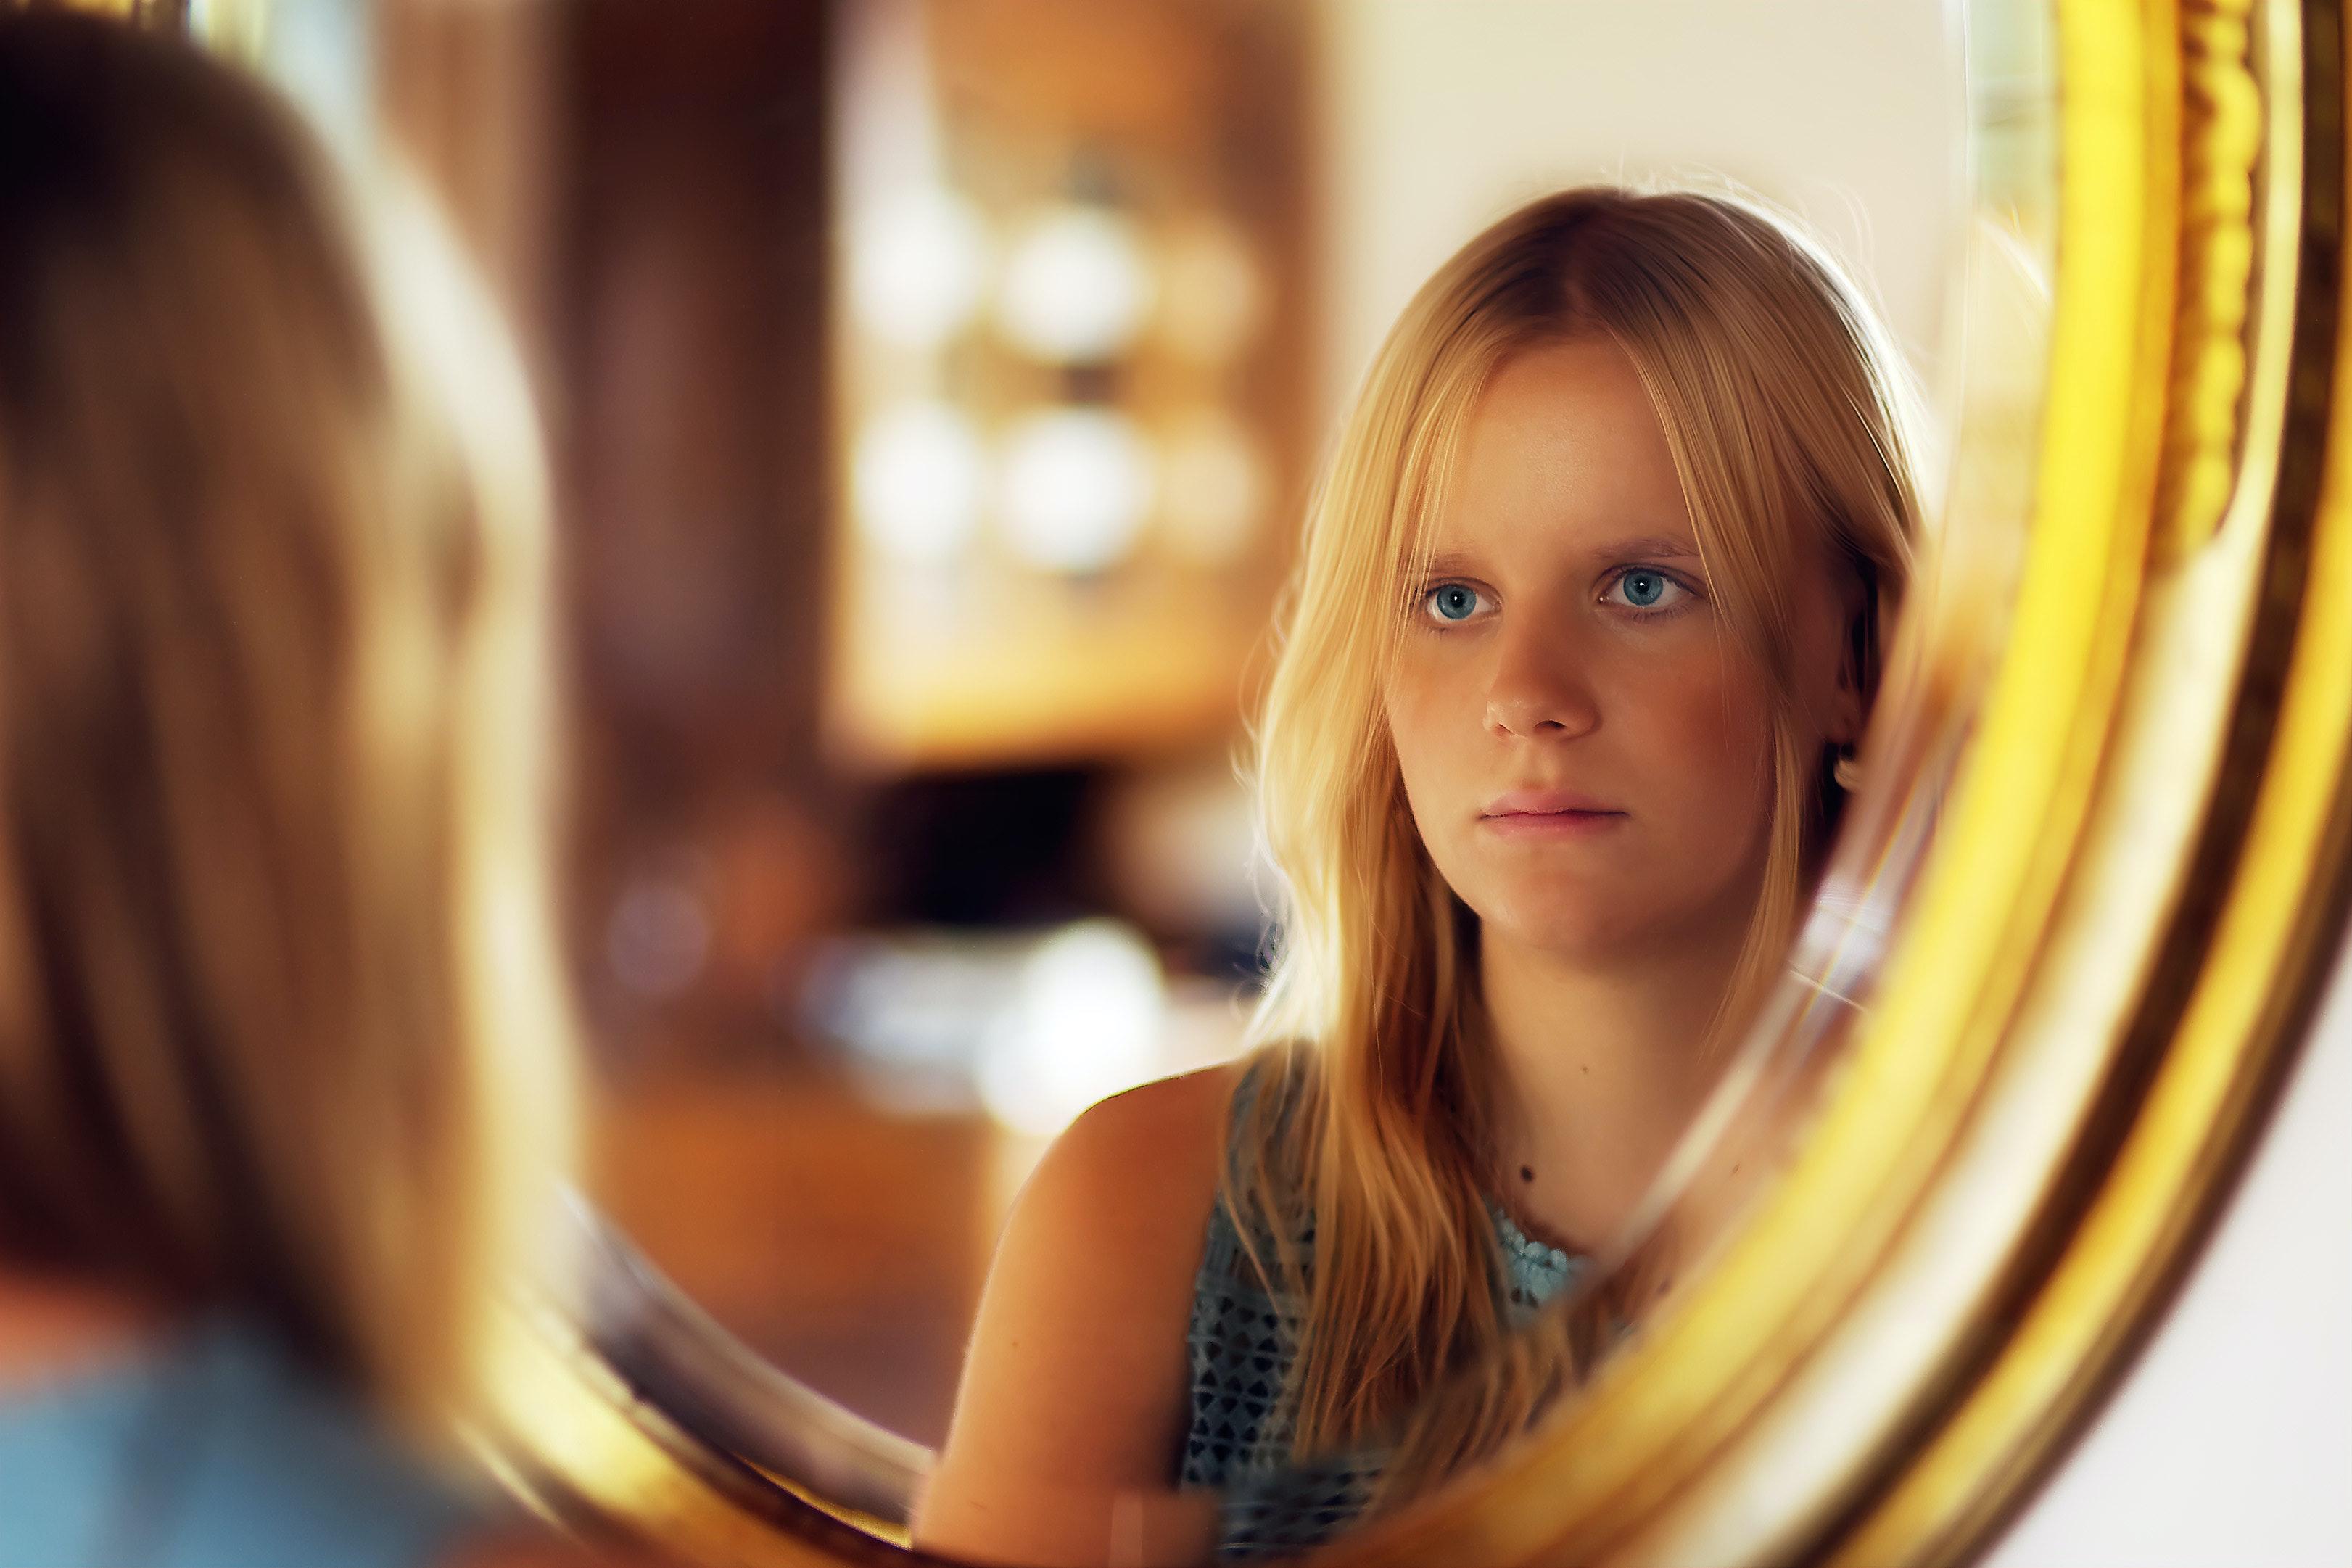 Katso peiliin lempeästi – itsemyötätunto auttaa myös parisuhdetta voimaan hyvin